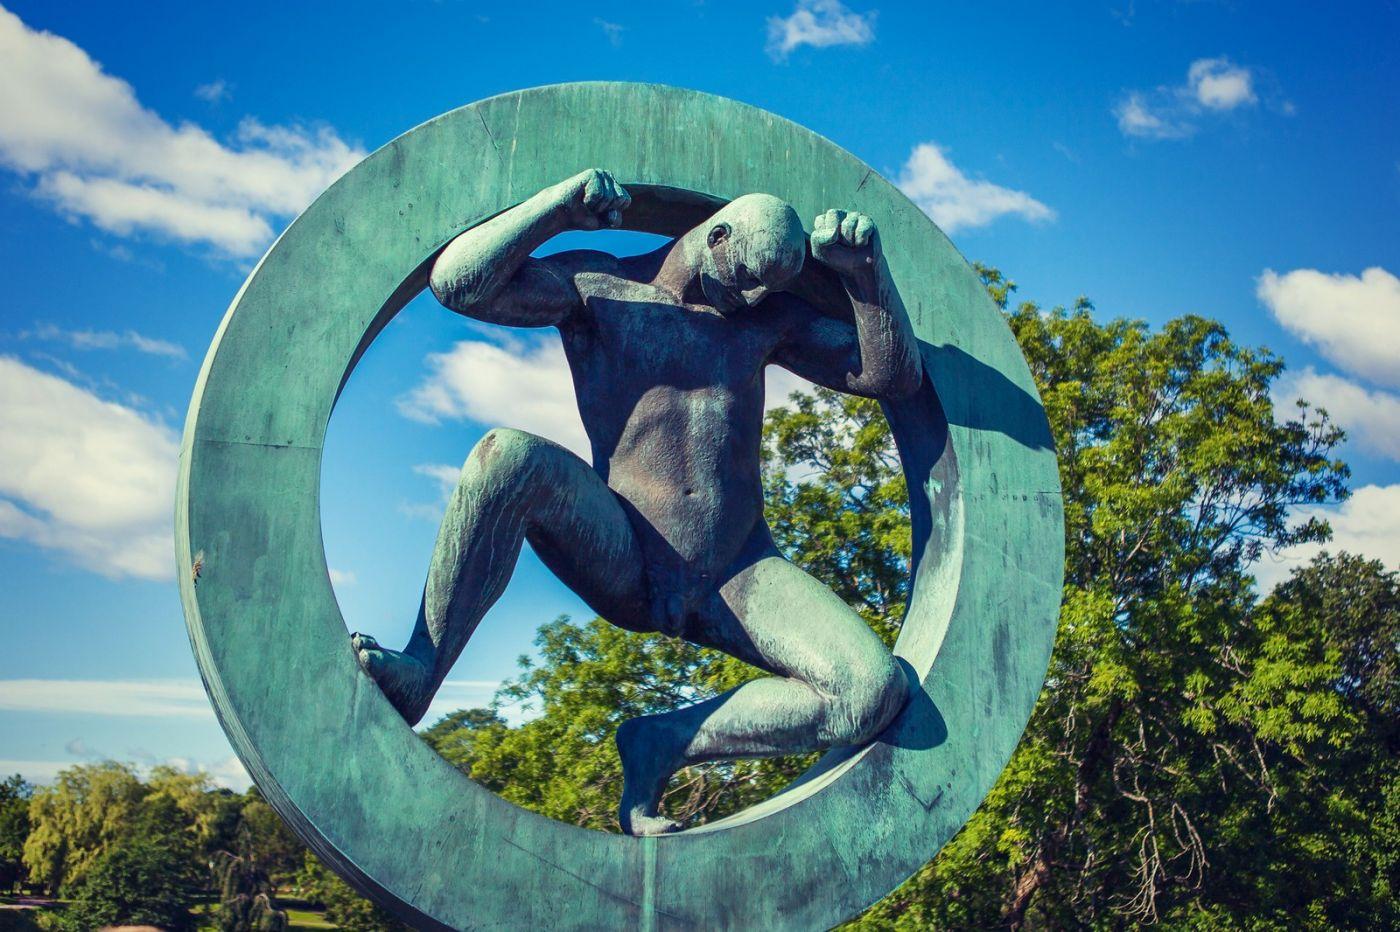 挪威维格兰雕塑公园,风格明显_图1-28